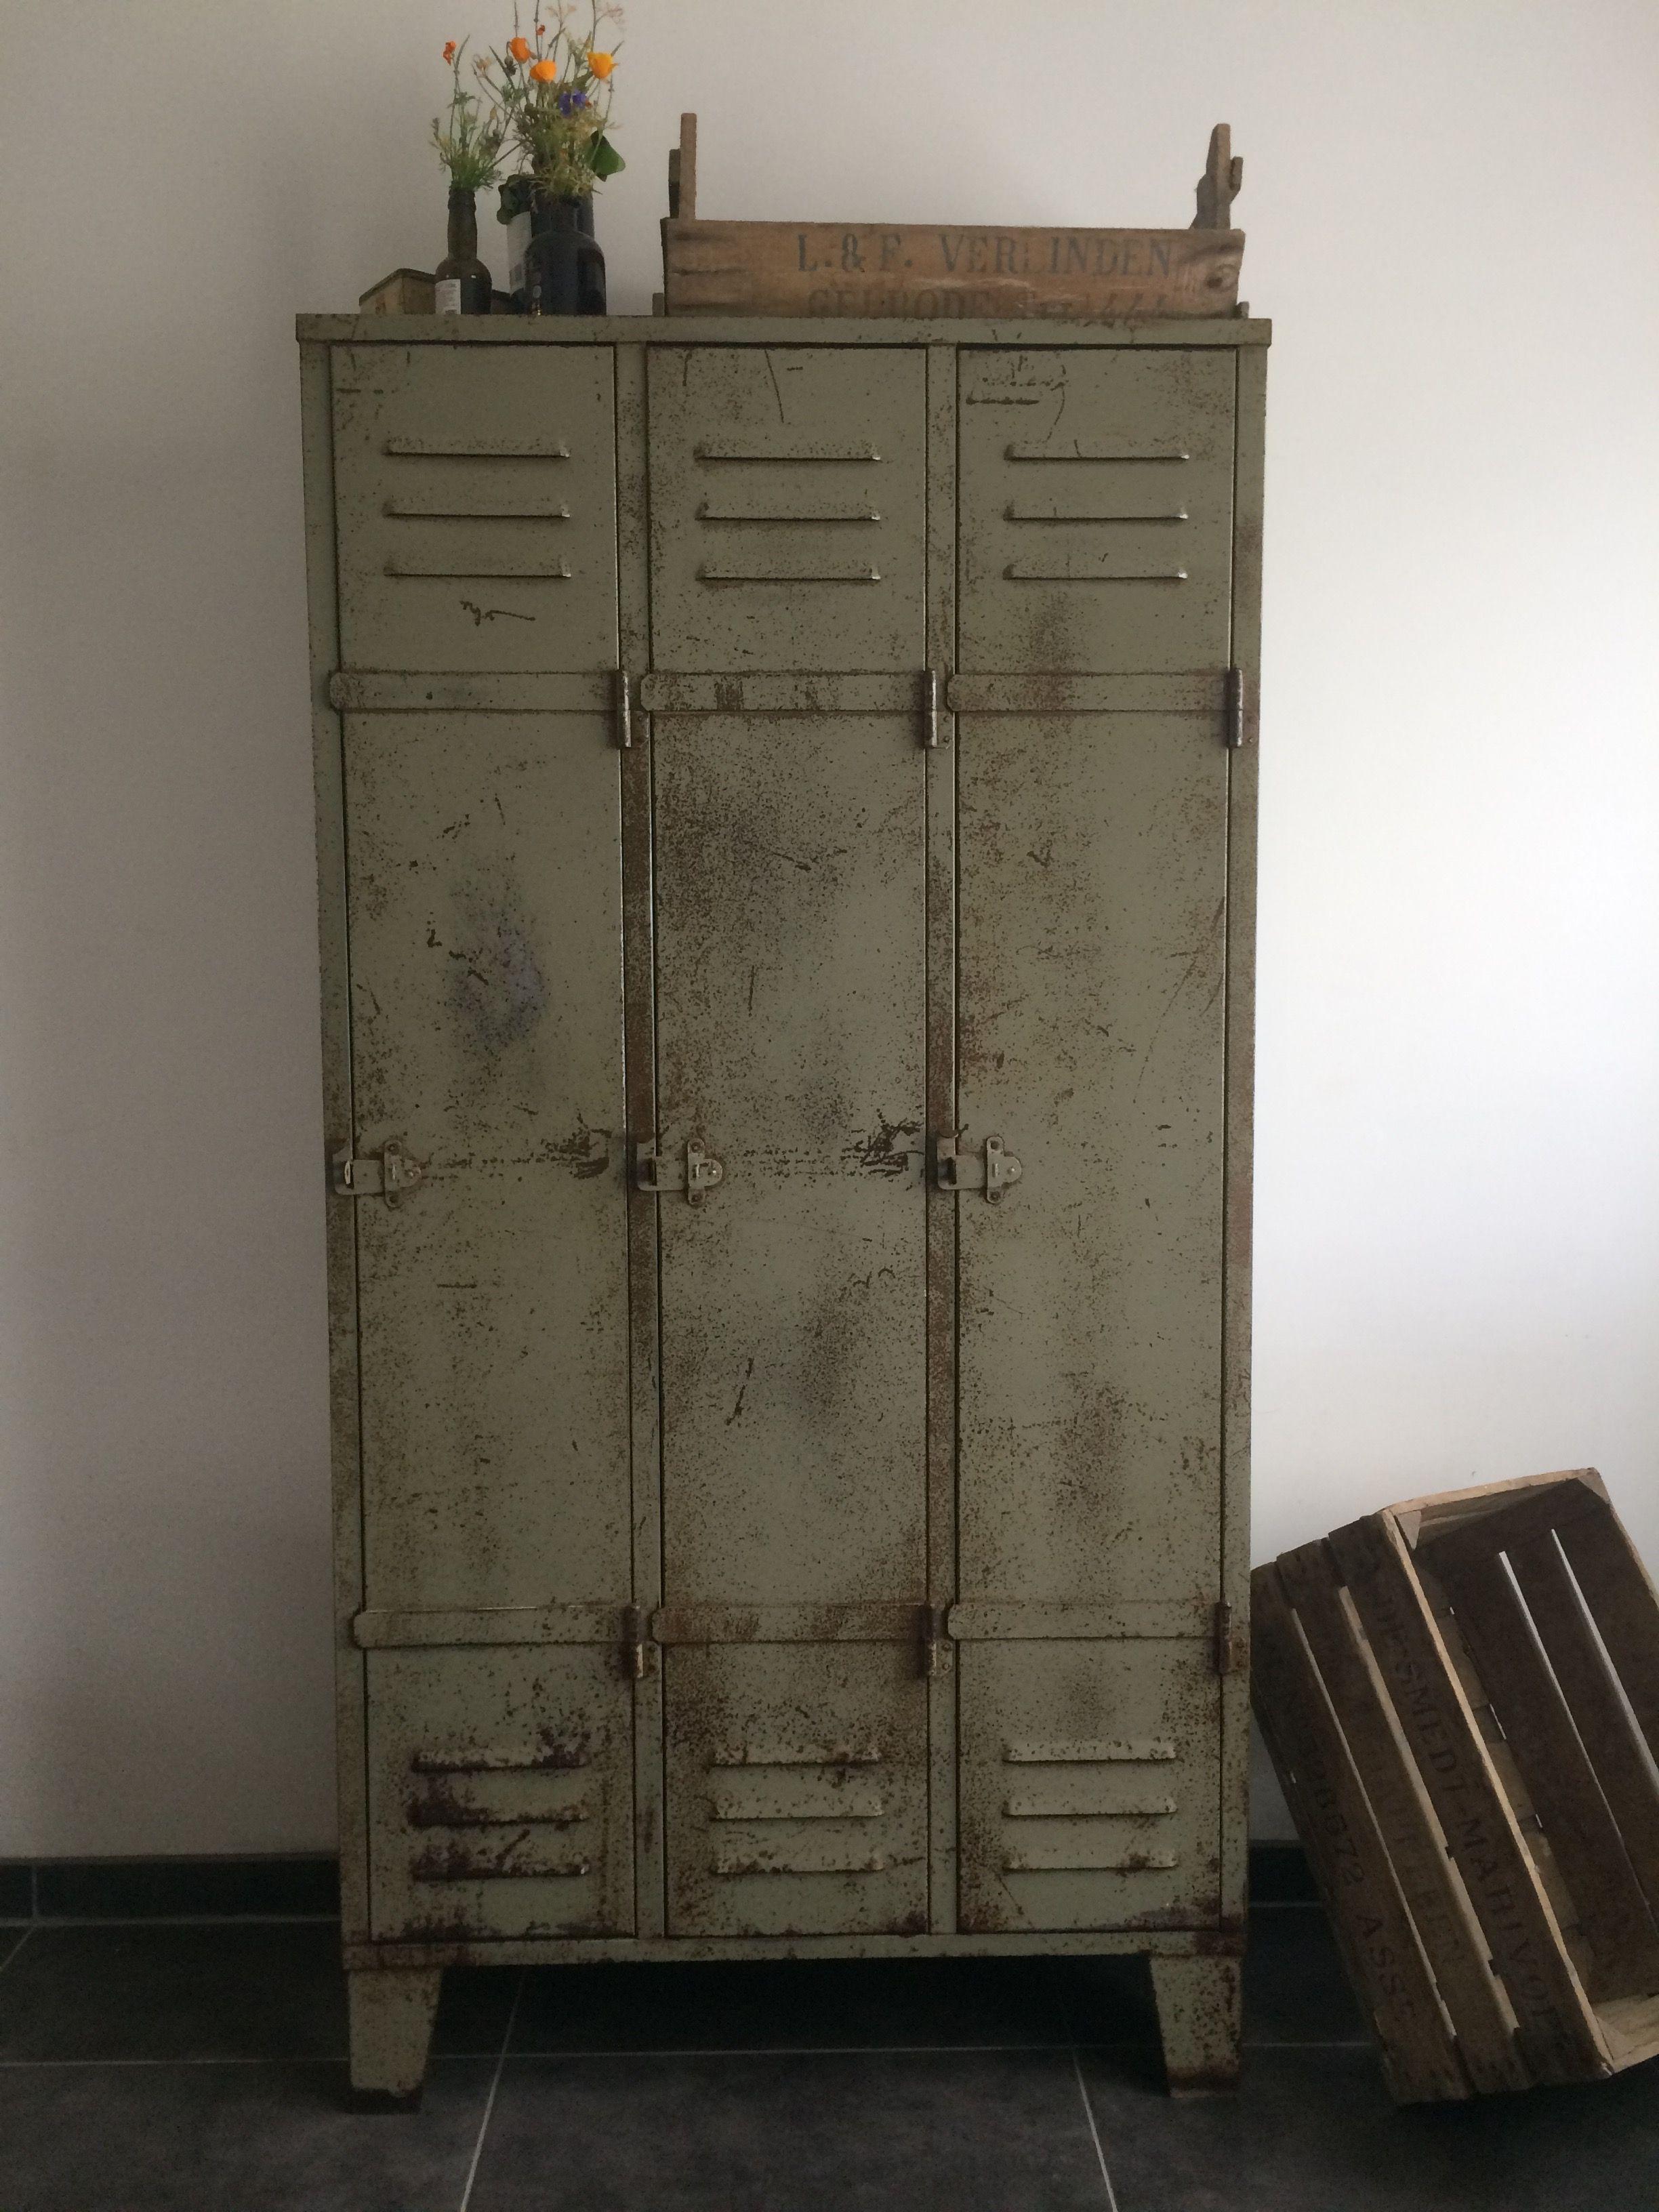 pin locker bookshelf een geweldige pinterest met meubels mooie patina